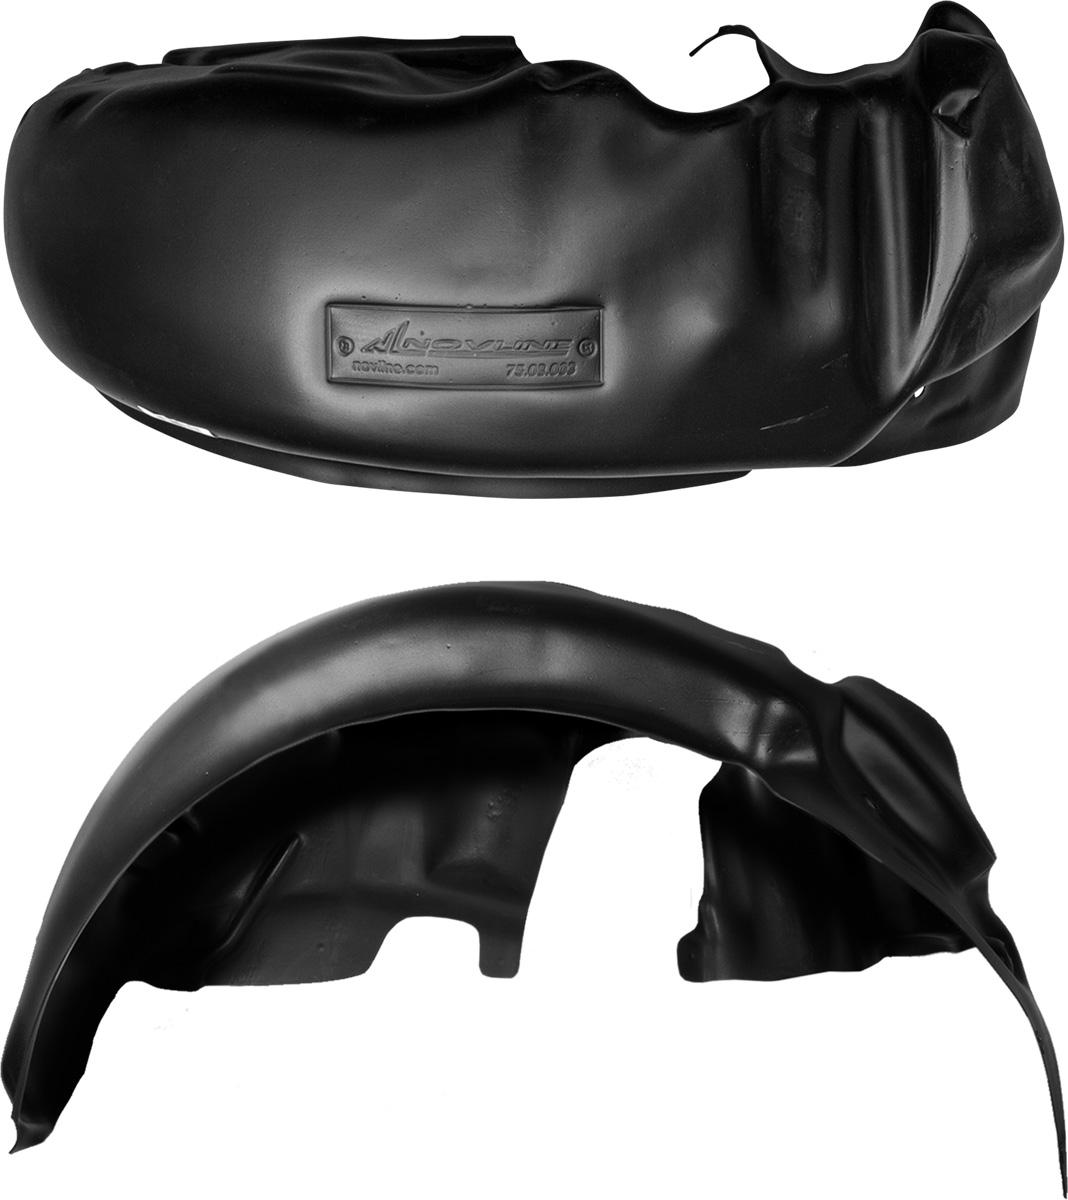 Подкрылок Novline-Autofamily, для Renault Sandero, 2010-07/2013, задний правый1004900000360Колесные ниши - одни из самых уязвимых зон днища вашего автомобиля. Они постоянно подвергаются воздействию со стороны дороги. Лучшая, почти абсолютная защита для них - специально отформованные пластиковые кожухи, которые называются подкрылками. Производятся они как для отечественных моделей автомобилей, так и для иномарок. Подкрылки Novline-Autofamily выполнены из высококачественного, экологически чистого пластика. Обеспечивают надежную защиту кузова автомобиля от пескоструйного эффекта и негативного влияния, агрессивных антигололедных реагентов. Пластик обладает более низкой теплопроводностью, чем металл, поэтому в зимний период эксплуатации использование пластиковых подкрылков позволяет лучше защитить колесные ниши от налипания снега и образования наледи. Оригинальность конструкции подчеркивает элегантность автомобиля, бережно защищает нанесенное на днище кузова антикоррозийное покрытие и позволяет осуществить крепление подкрылков внутри колесной арки практически без дополнительного крепежа и сверления, не нарушая при этом лакокрасочного покрытия, что предотвращает возникновение новых очагов коррозии. Подкрылки долговечны, обладают высокой прочностью и сохраняют заданную форму, а также все свои физико-механические характеристики в самых тяжелых климатических условиях (от -50°С до +50°С).Уважаемые клиенты!Обращаем ваше внимание, на тот факт, что подкрылок имеет форму, соответствующую модели данного автомобиля. Фото служит для визуального восприятия товара.